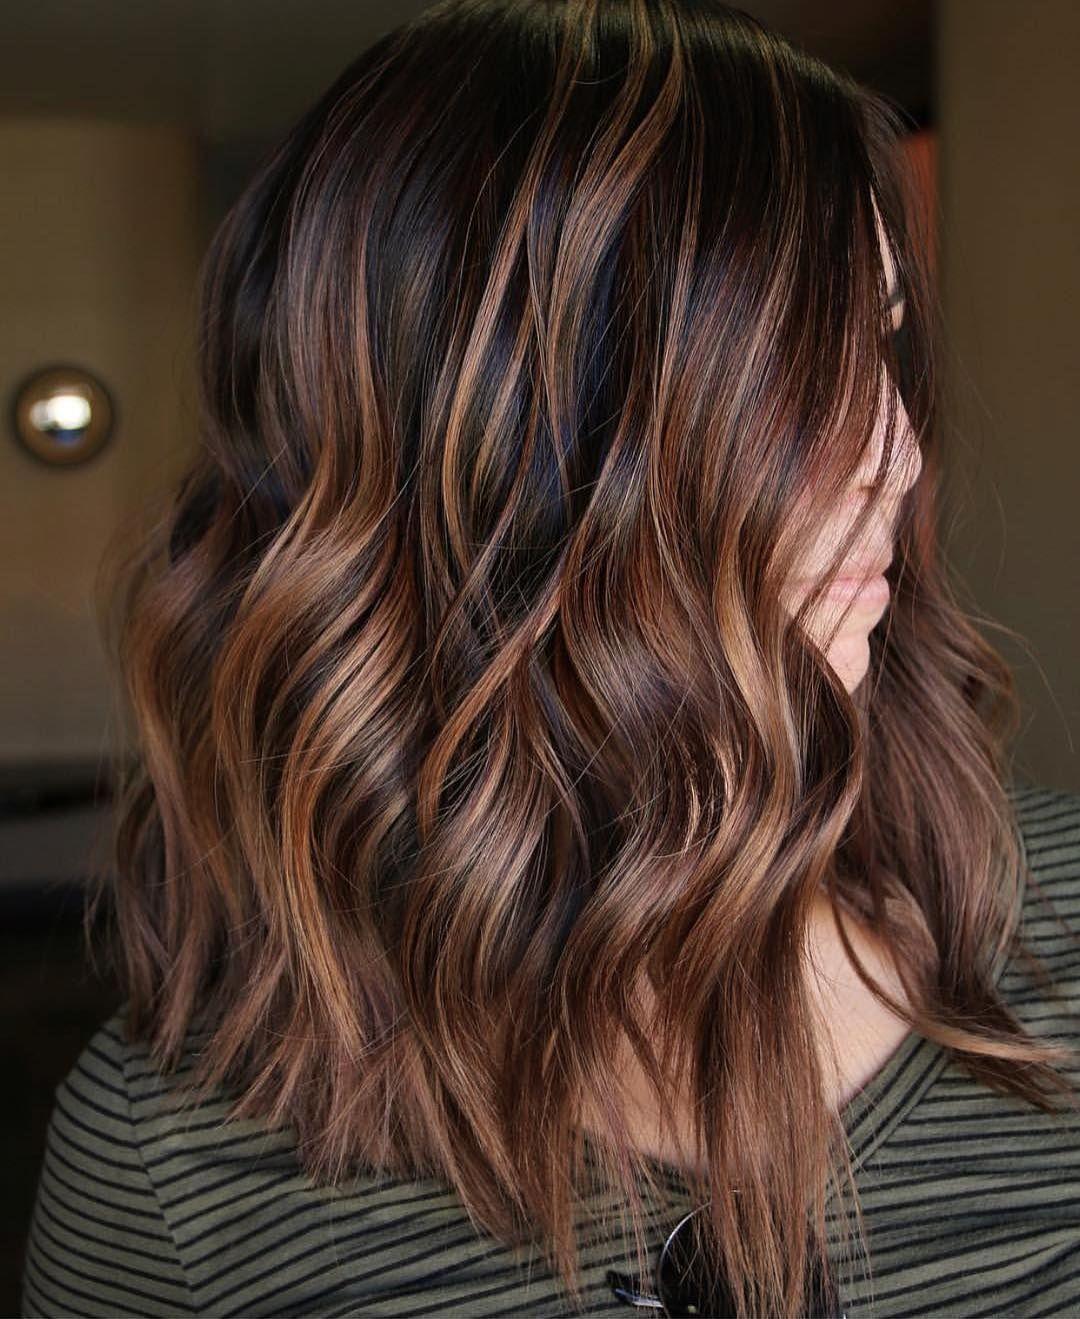 hair trends fall 2019, fall 2019 hair trends, blonde hair trends,chocolate hair colors for Fall, 2019 haircut trends